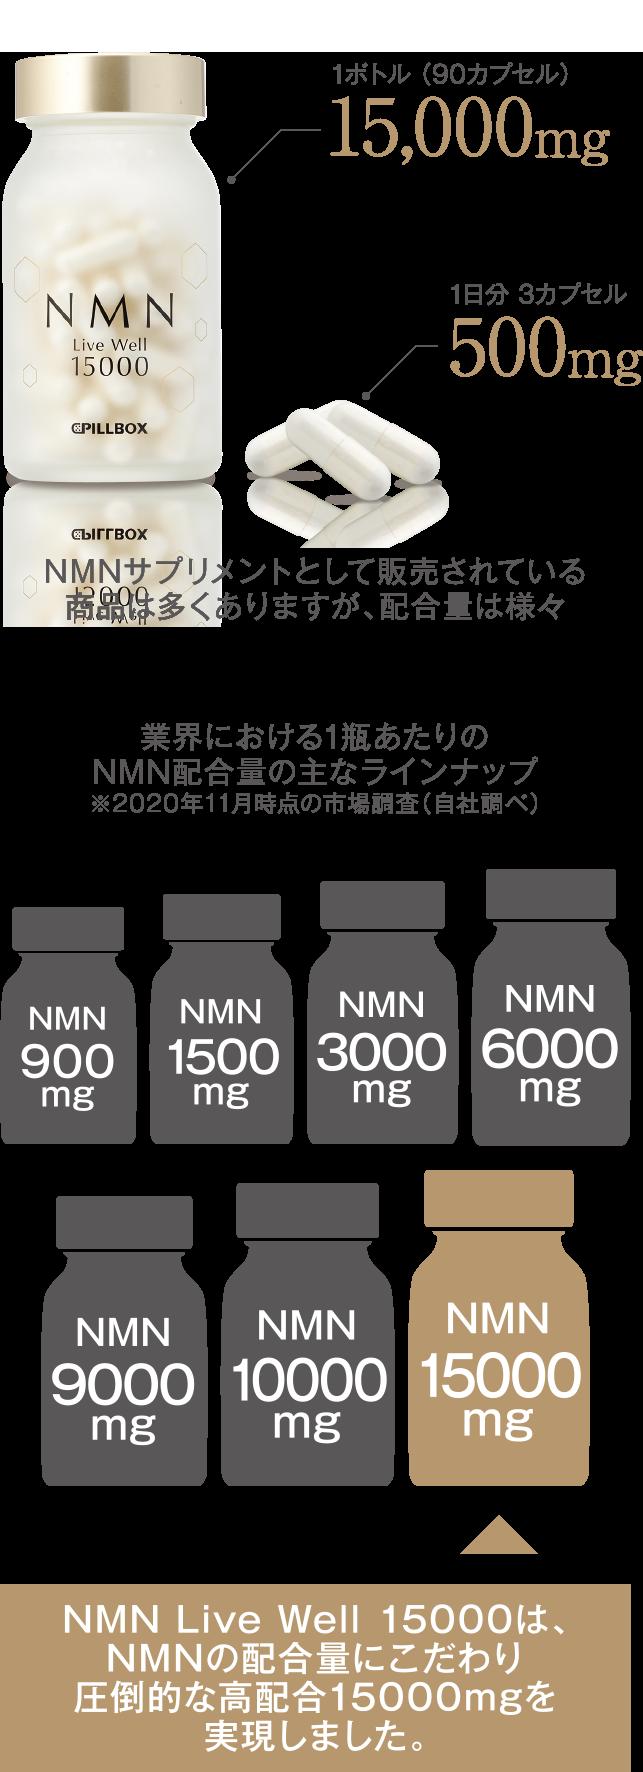 NMN Live Well 15000は、NMNの配合量にこだわり圧倒的な高配合15000mgを実現しました。